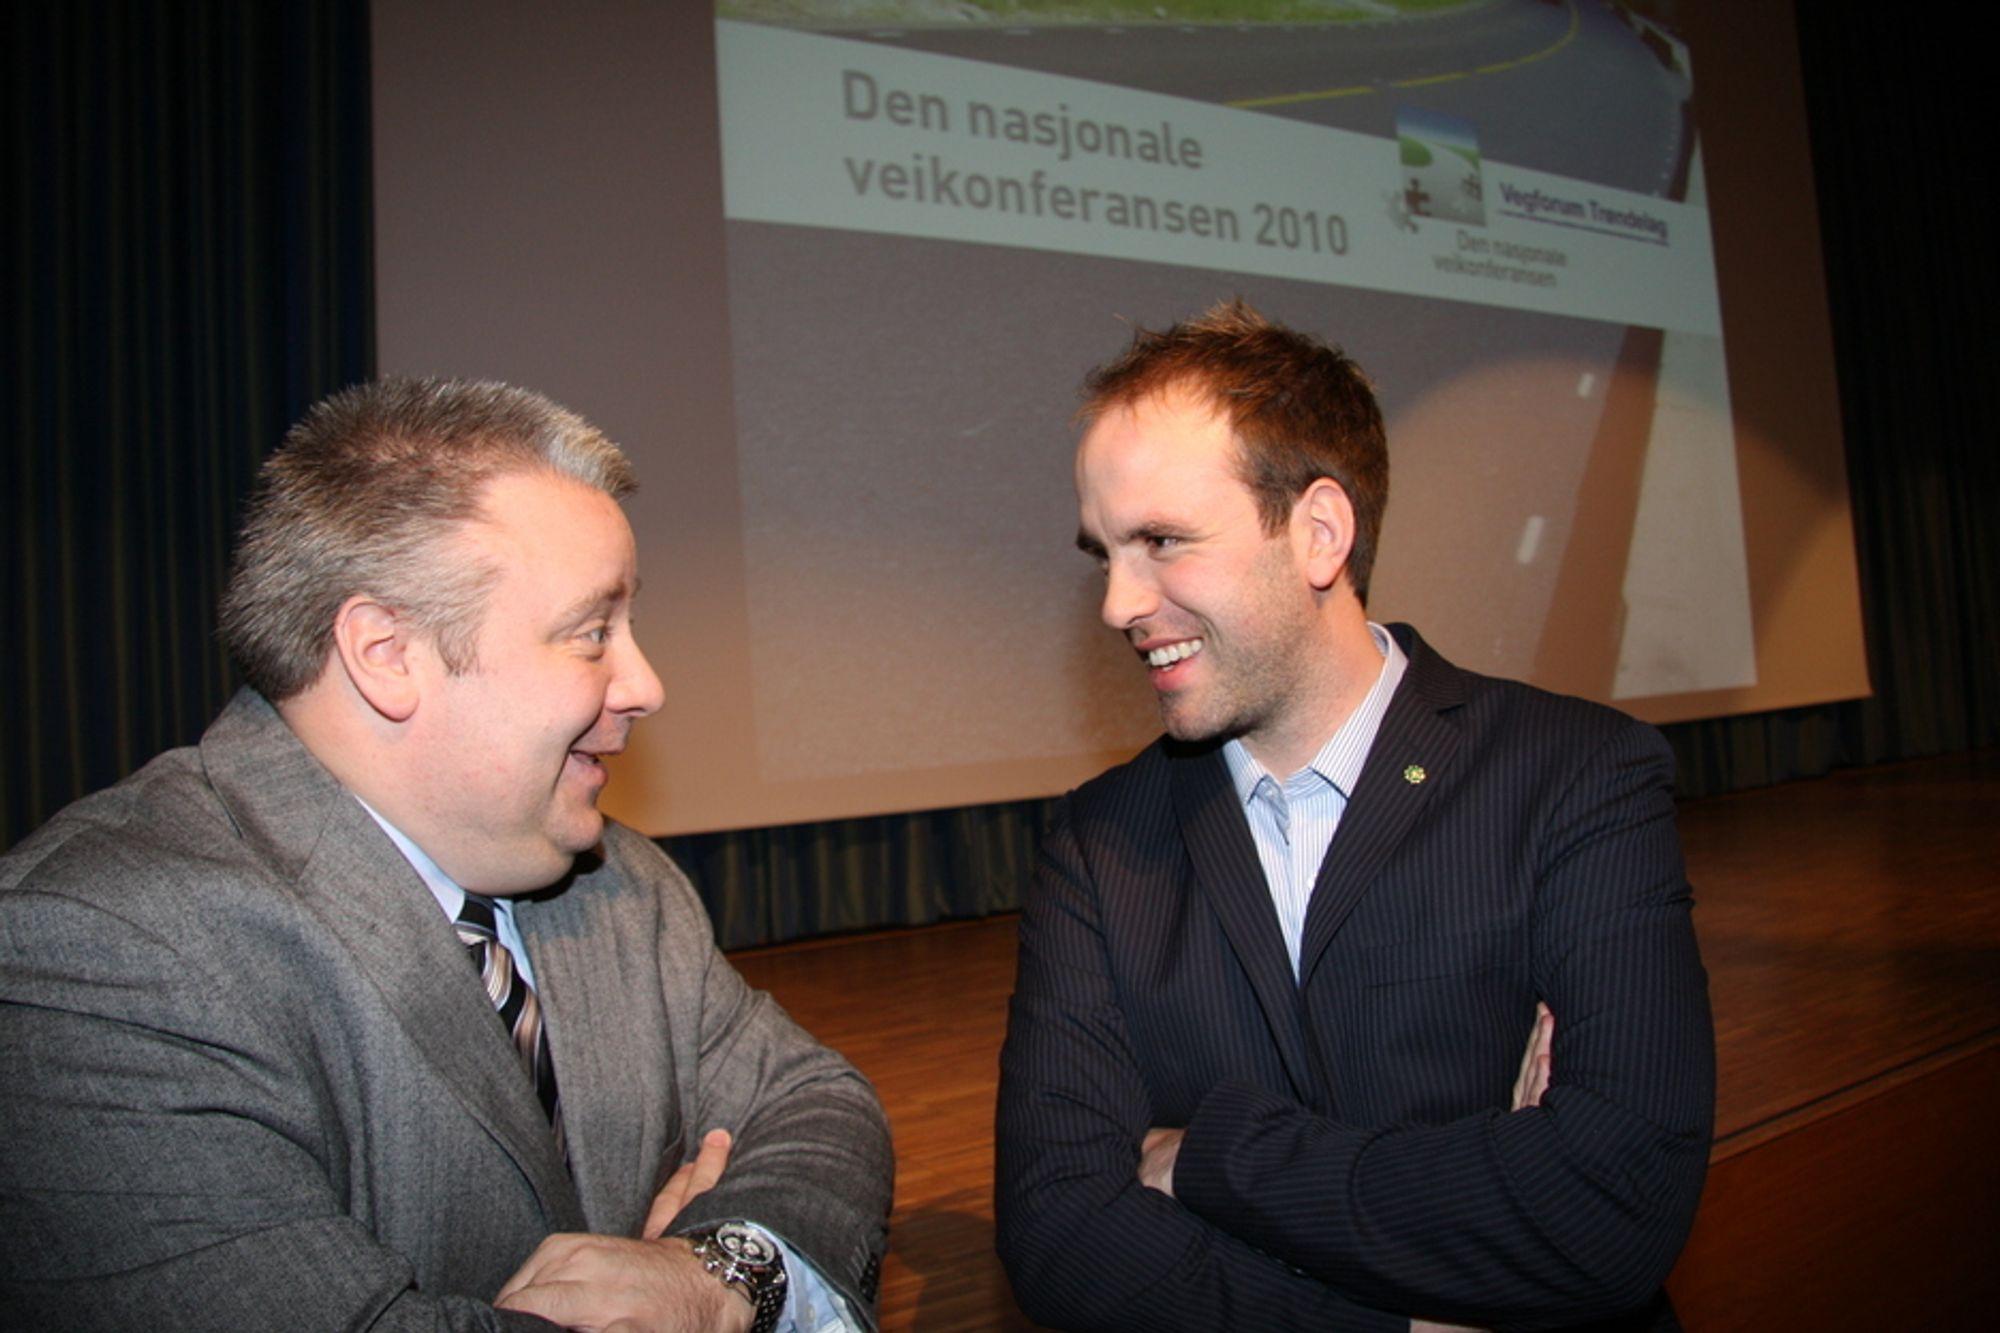 KORTERE PLANLEGGING: Statssekretær i Samferdselsdepartementet, Lars Erik Bartnes, og Frps Bård Hoksrud, er enige om at planleggingstiden til nye veiprosjekter tar for lang tid.